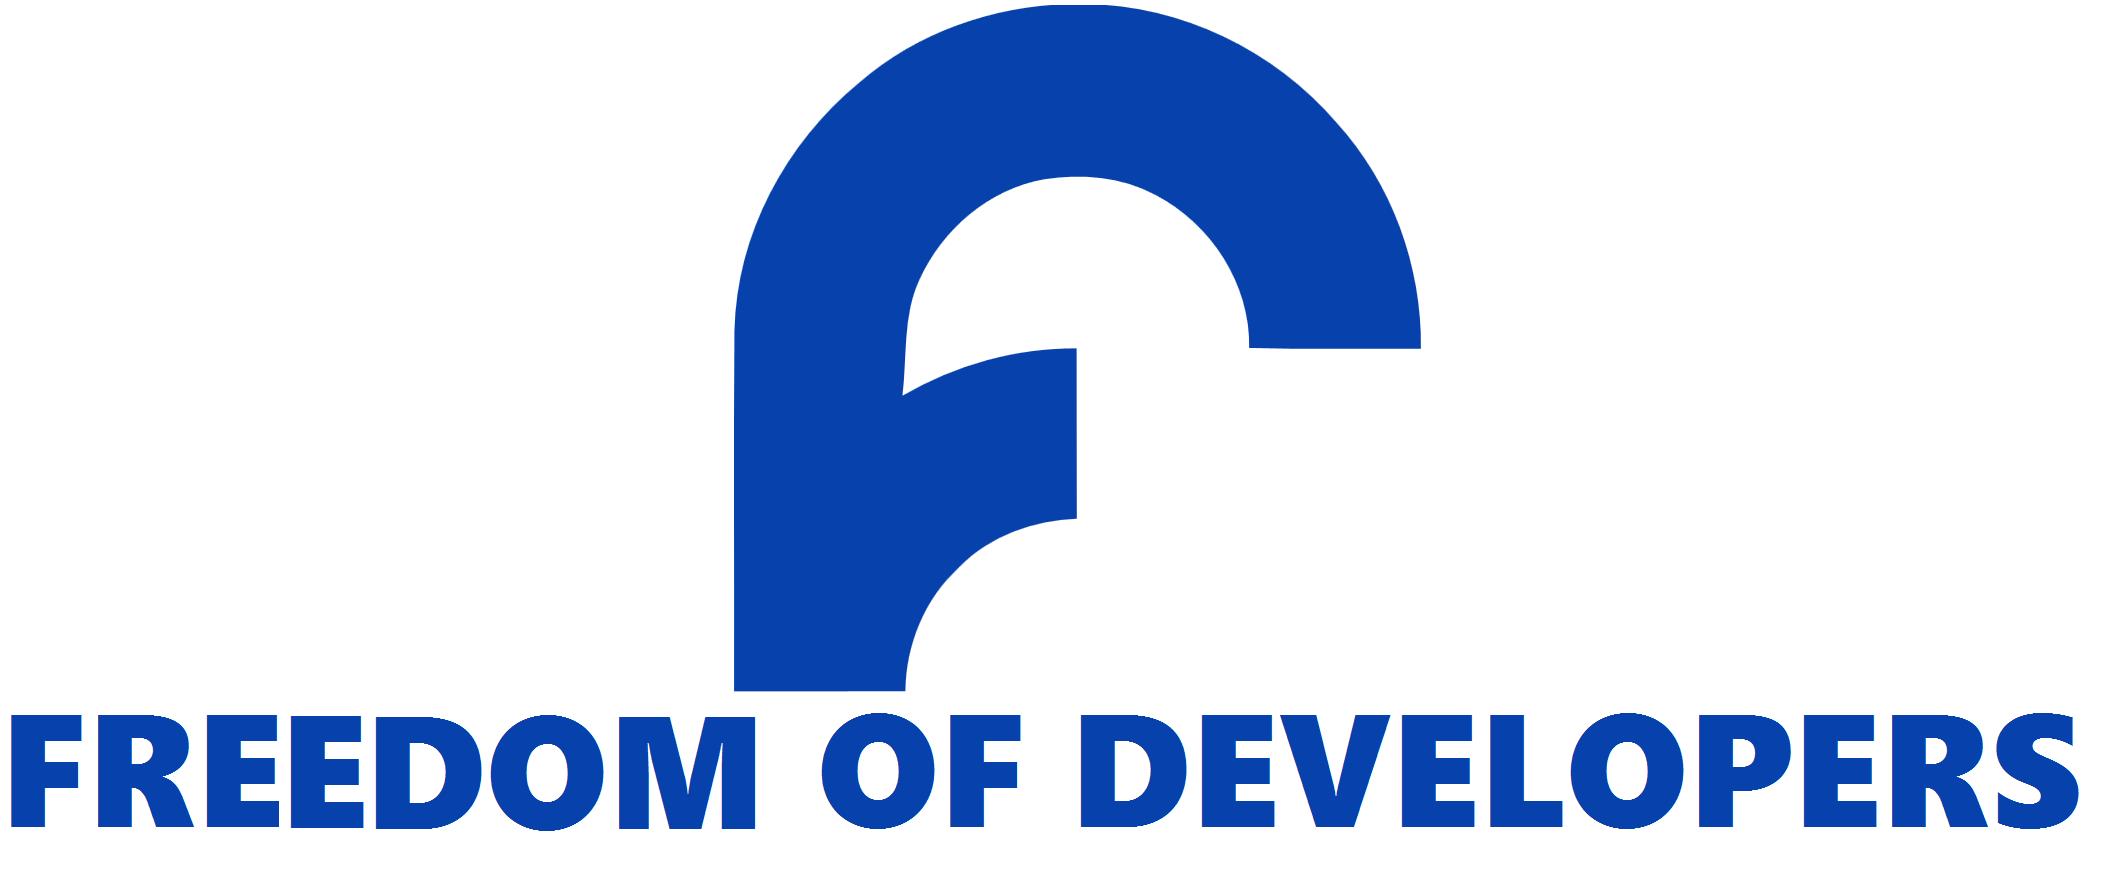 توسعه نرمافزار بدون زجر